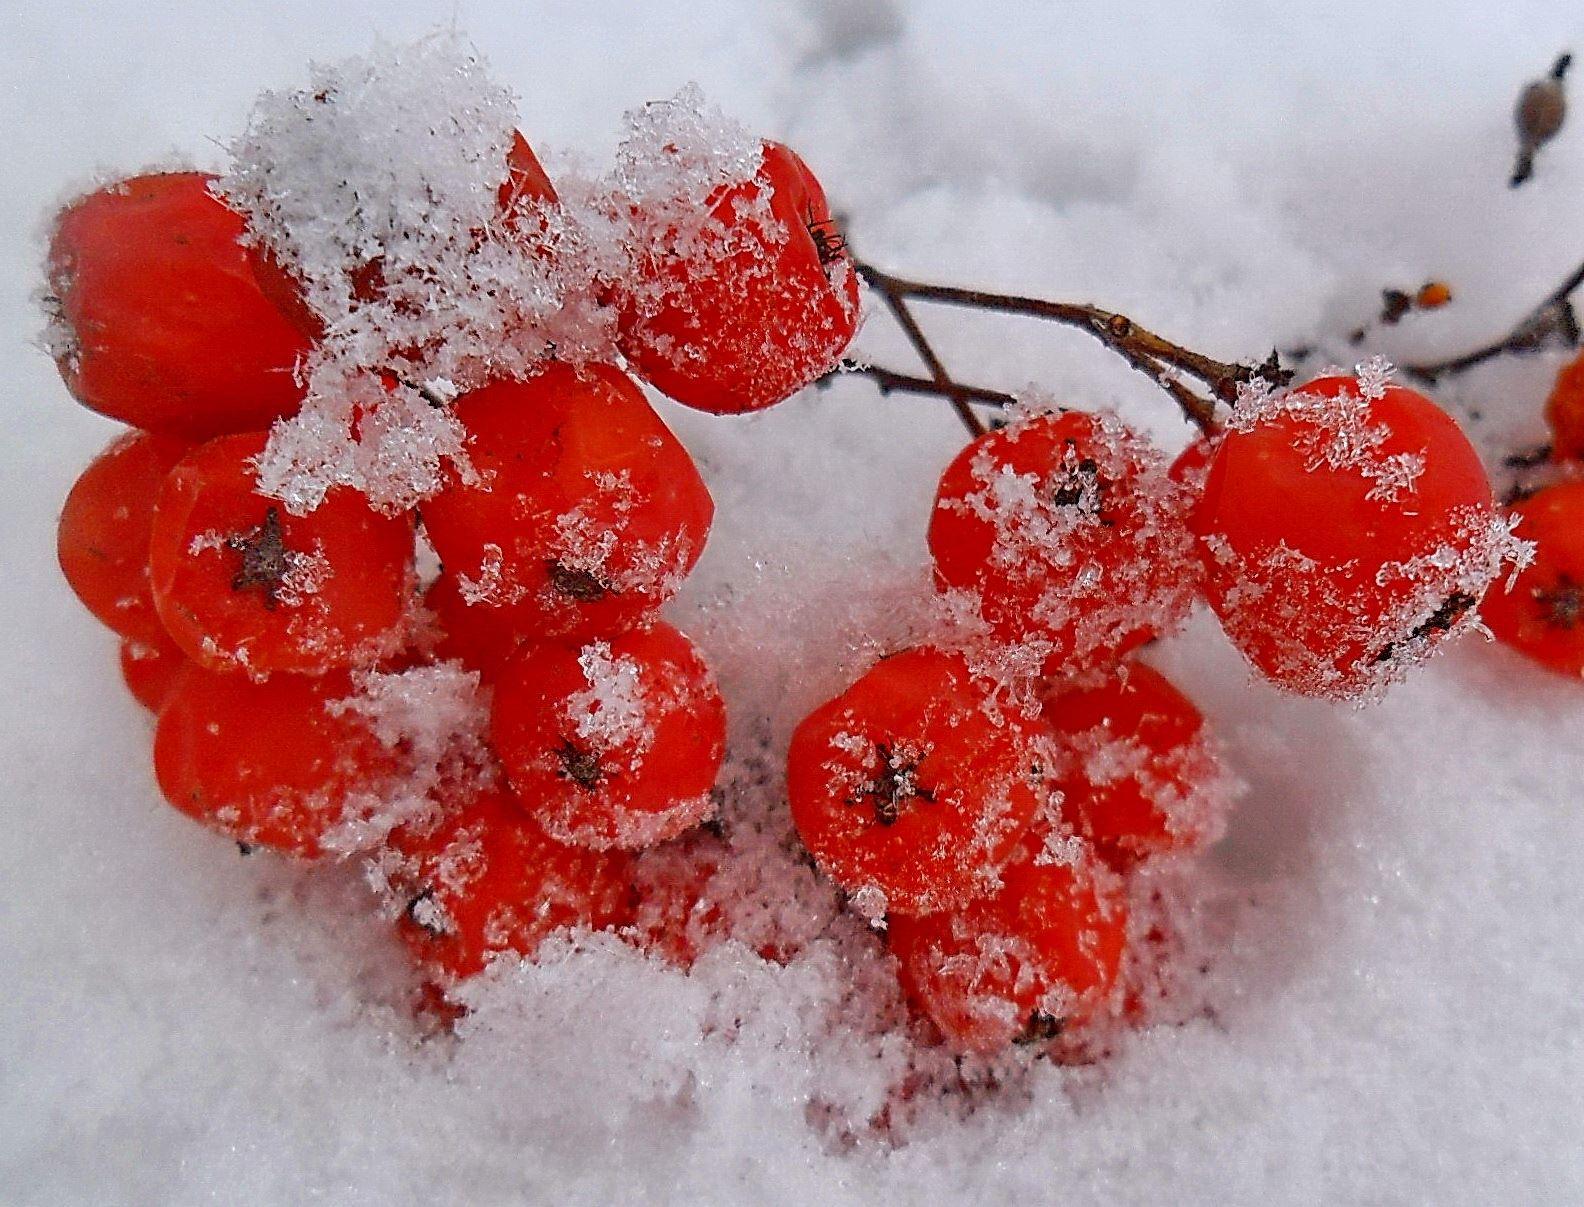 правда отметить, сердце из красной рябины на снегу фото продажу